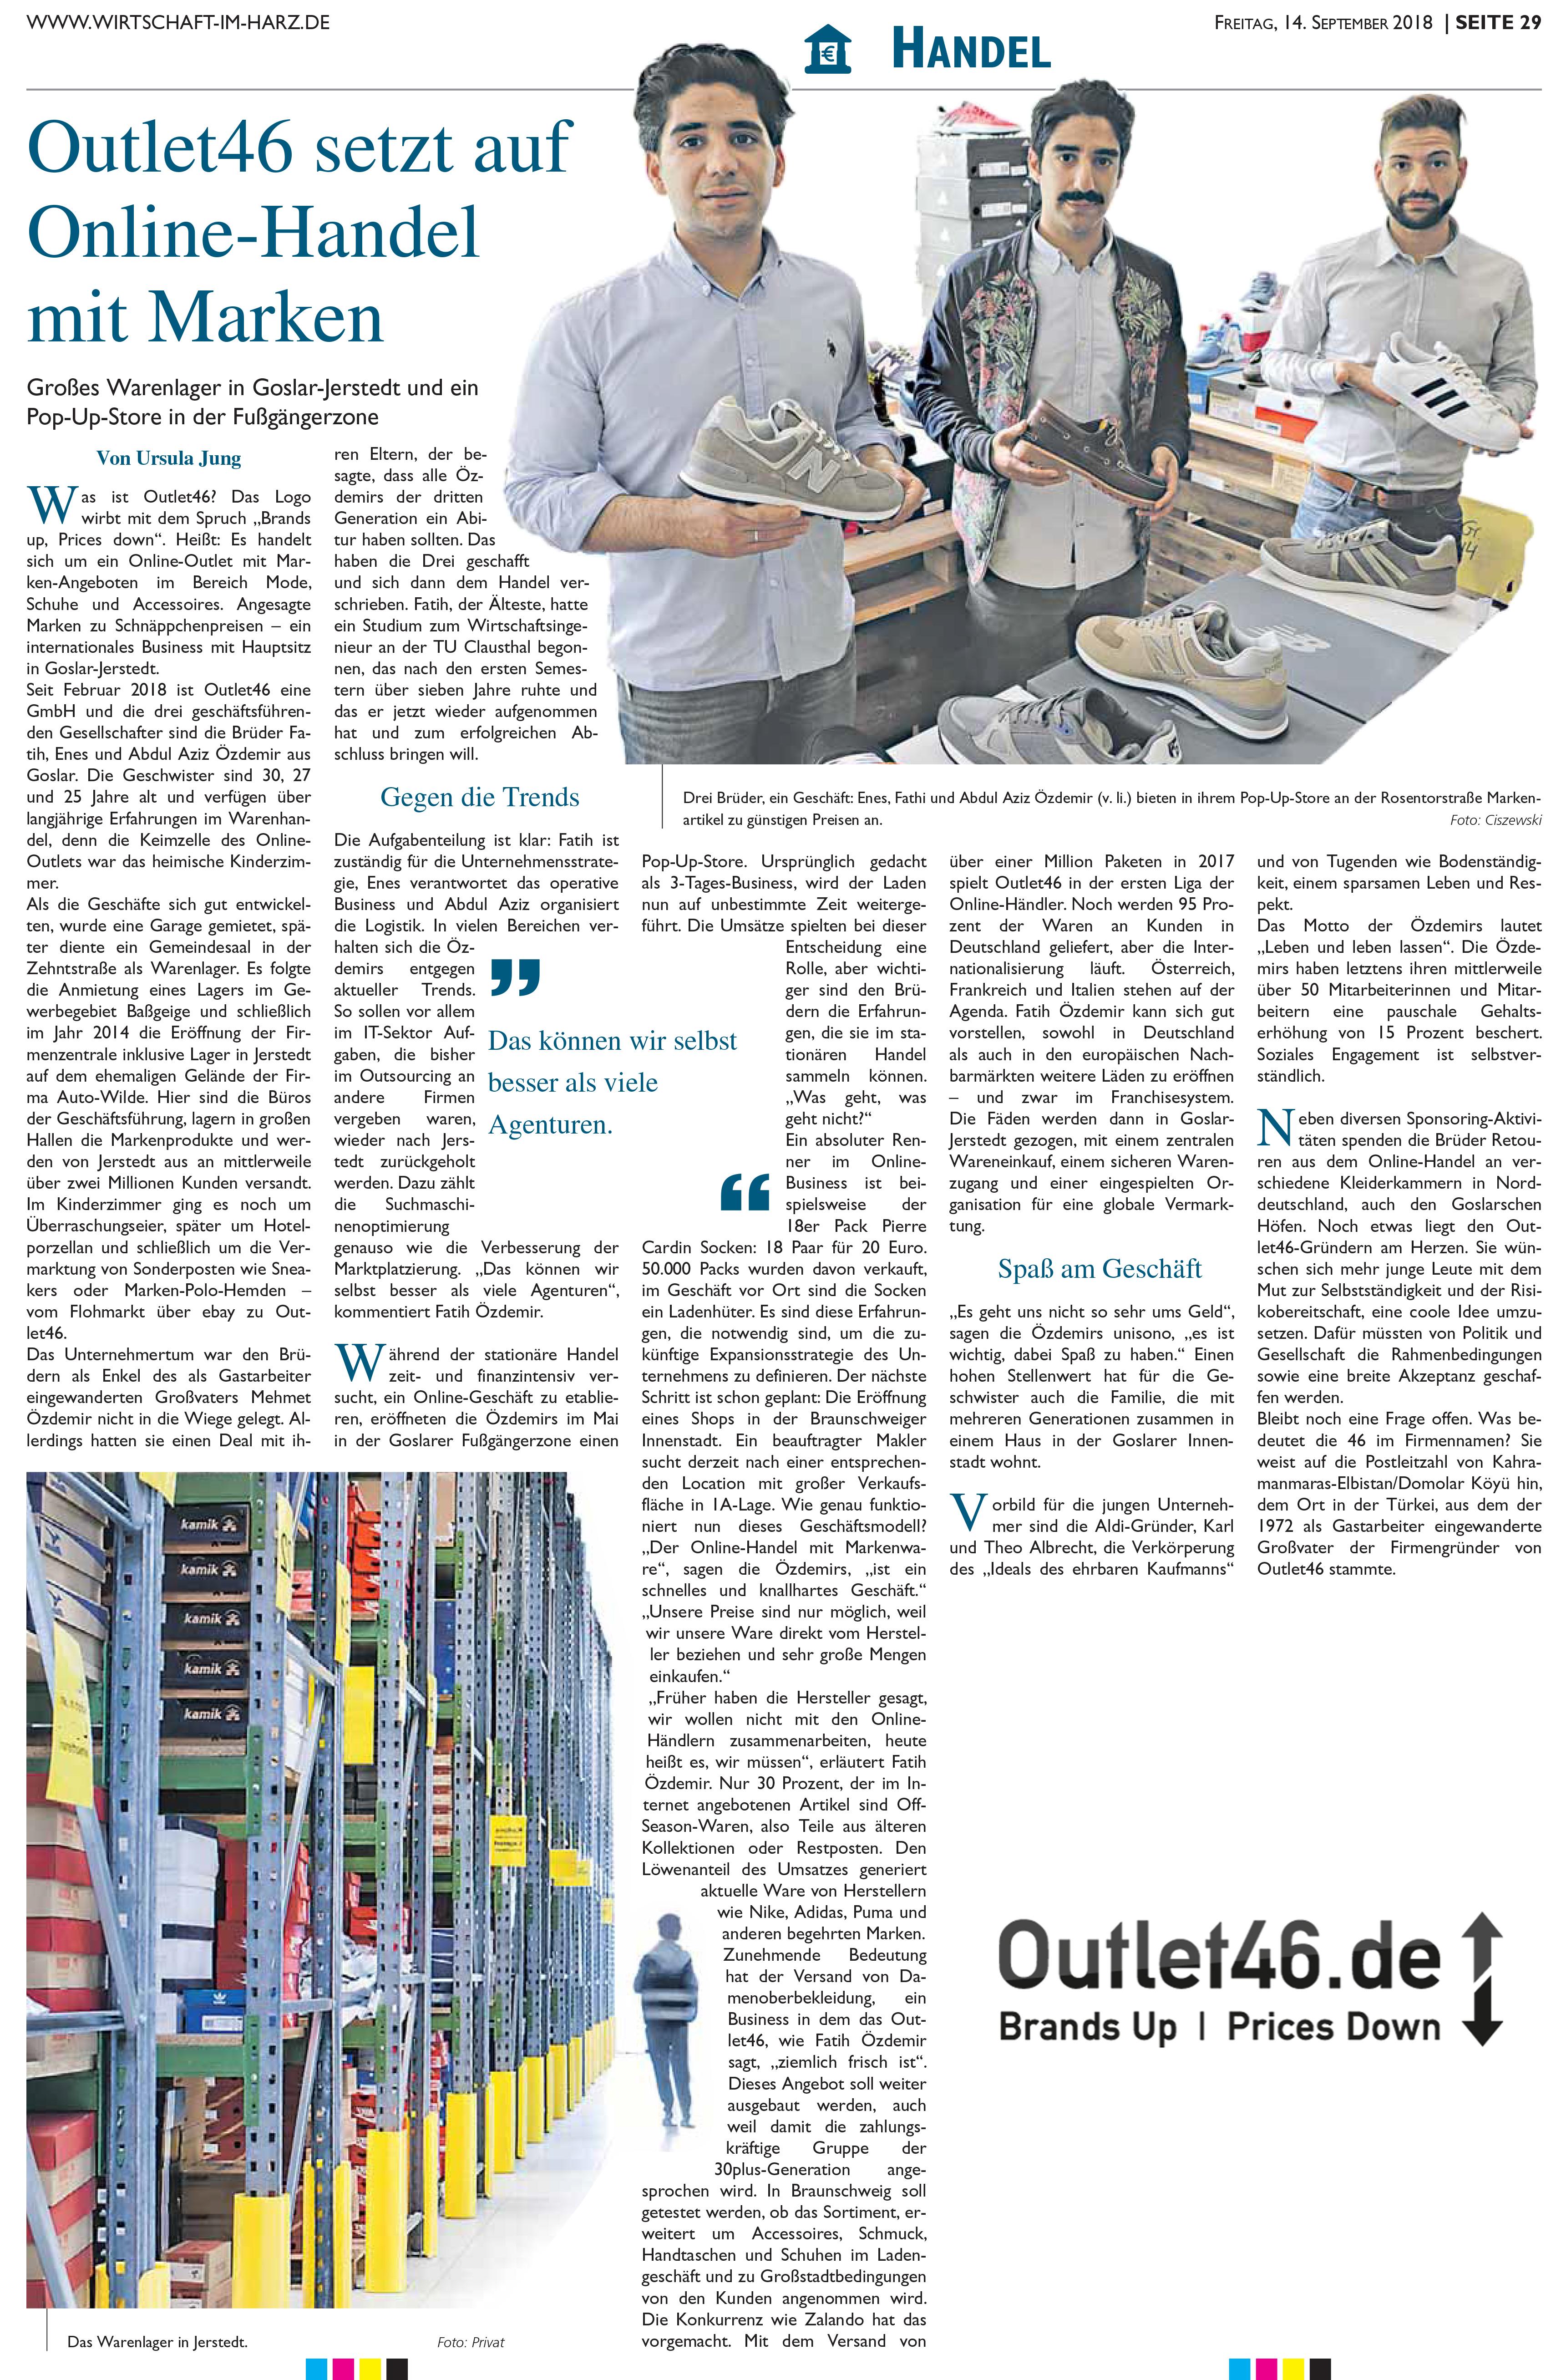 Bericht von WIRTSCHAFT-IM-HARZ.DE über Outlet46